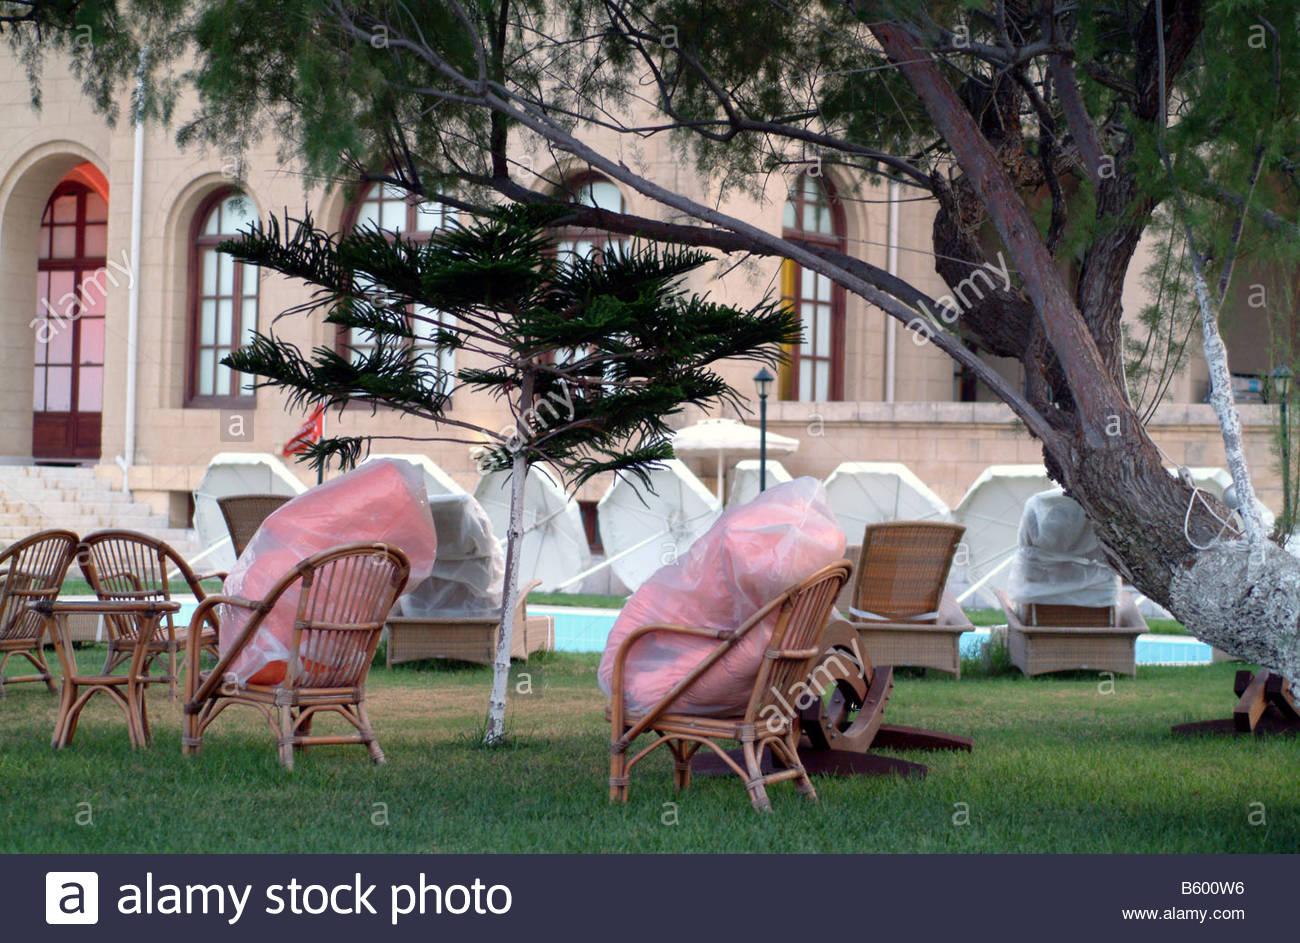 Sedia sdraio fuori all aperto giardino rosa erba pew sede poltrone